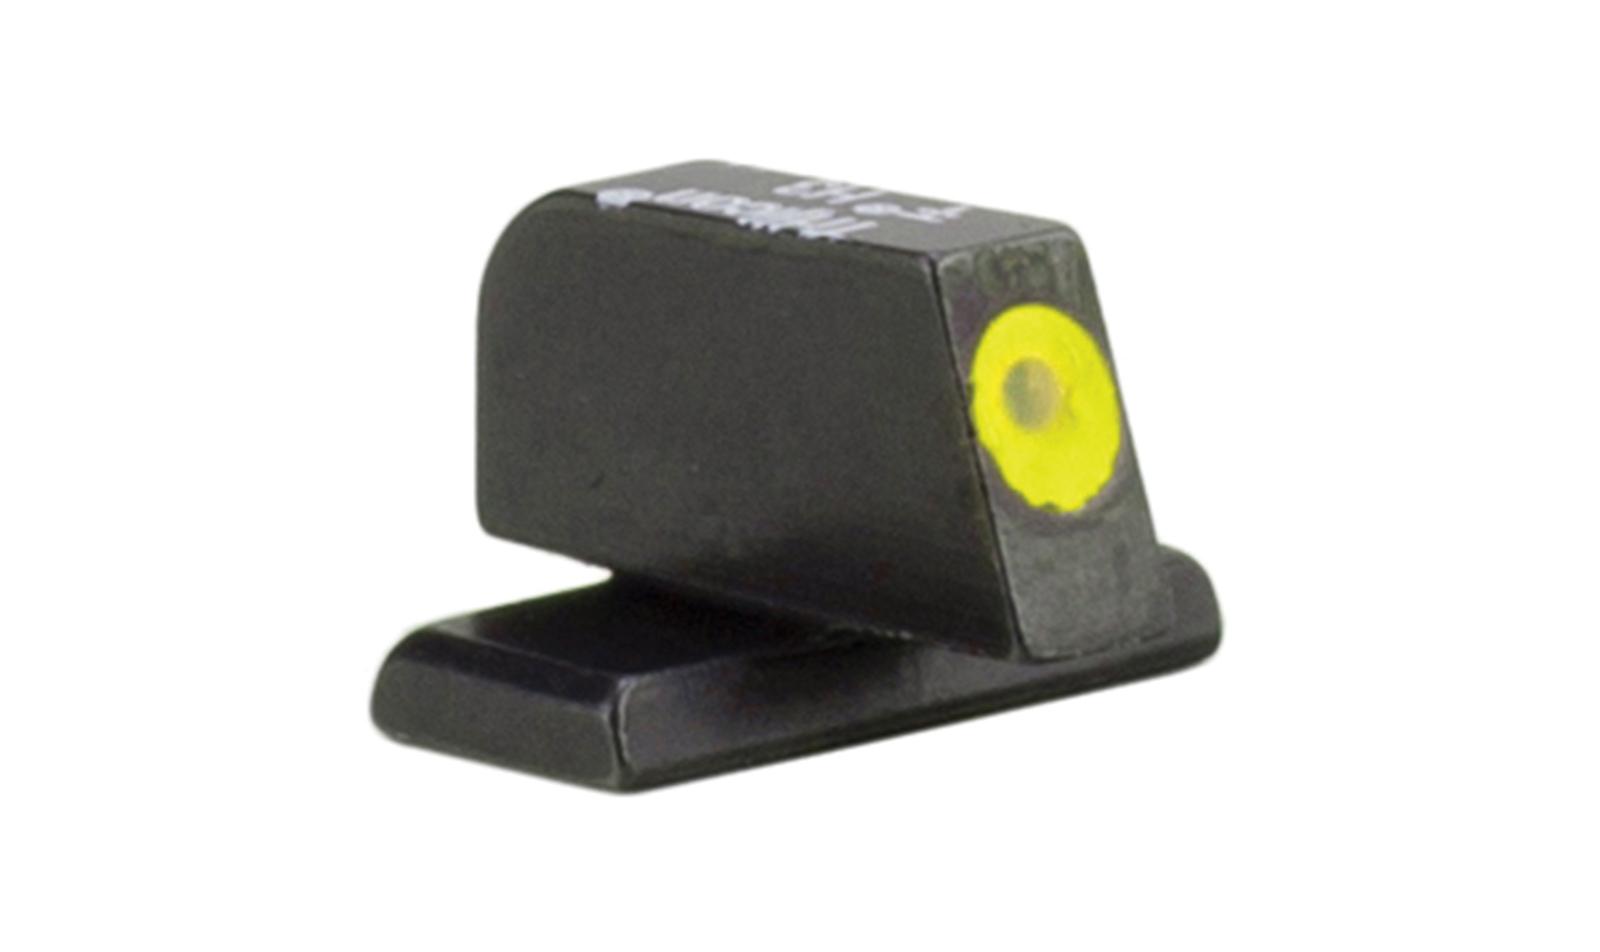 SP601-C-600872 angle 3